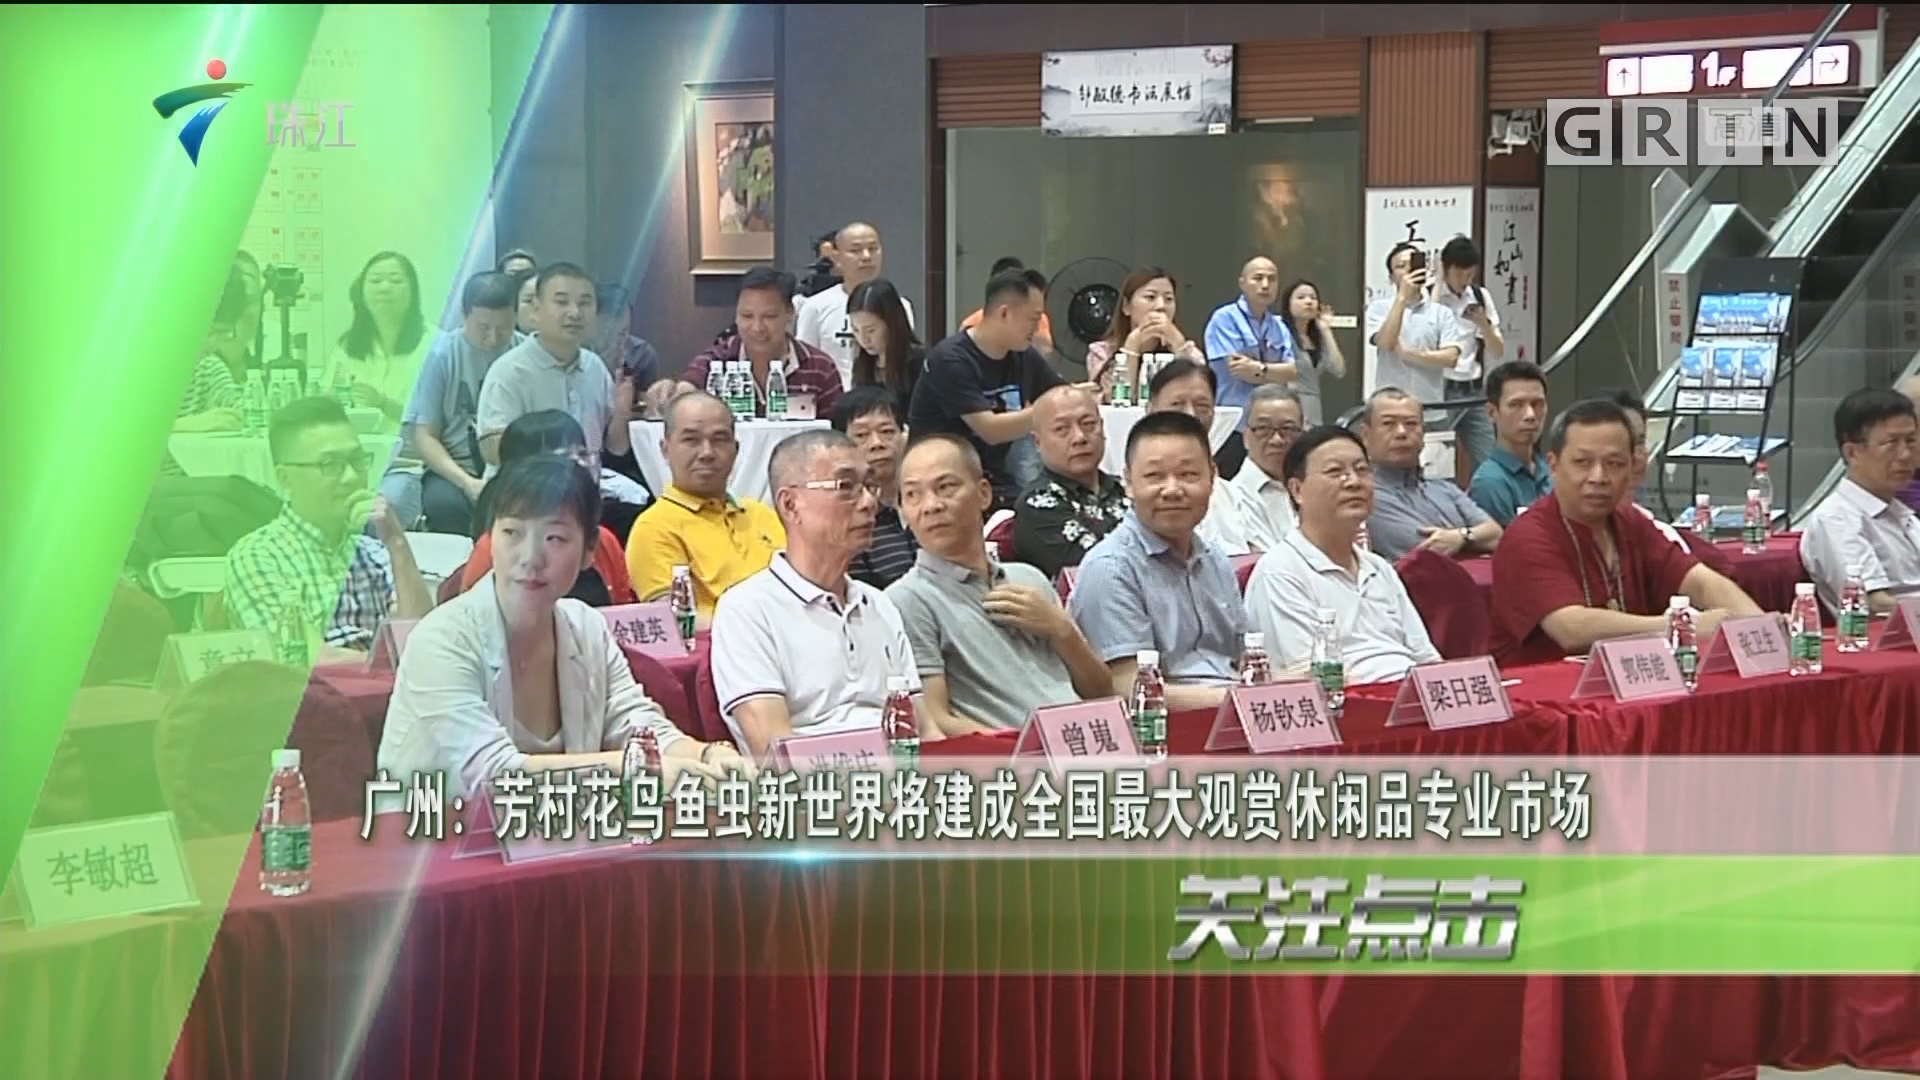 广州:芳村花鸟鱼虫新世界将建成全国最大观赏休闲品专业市场